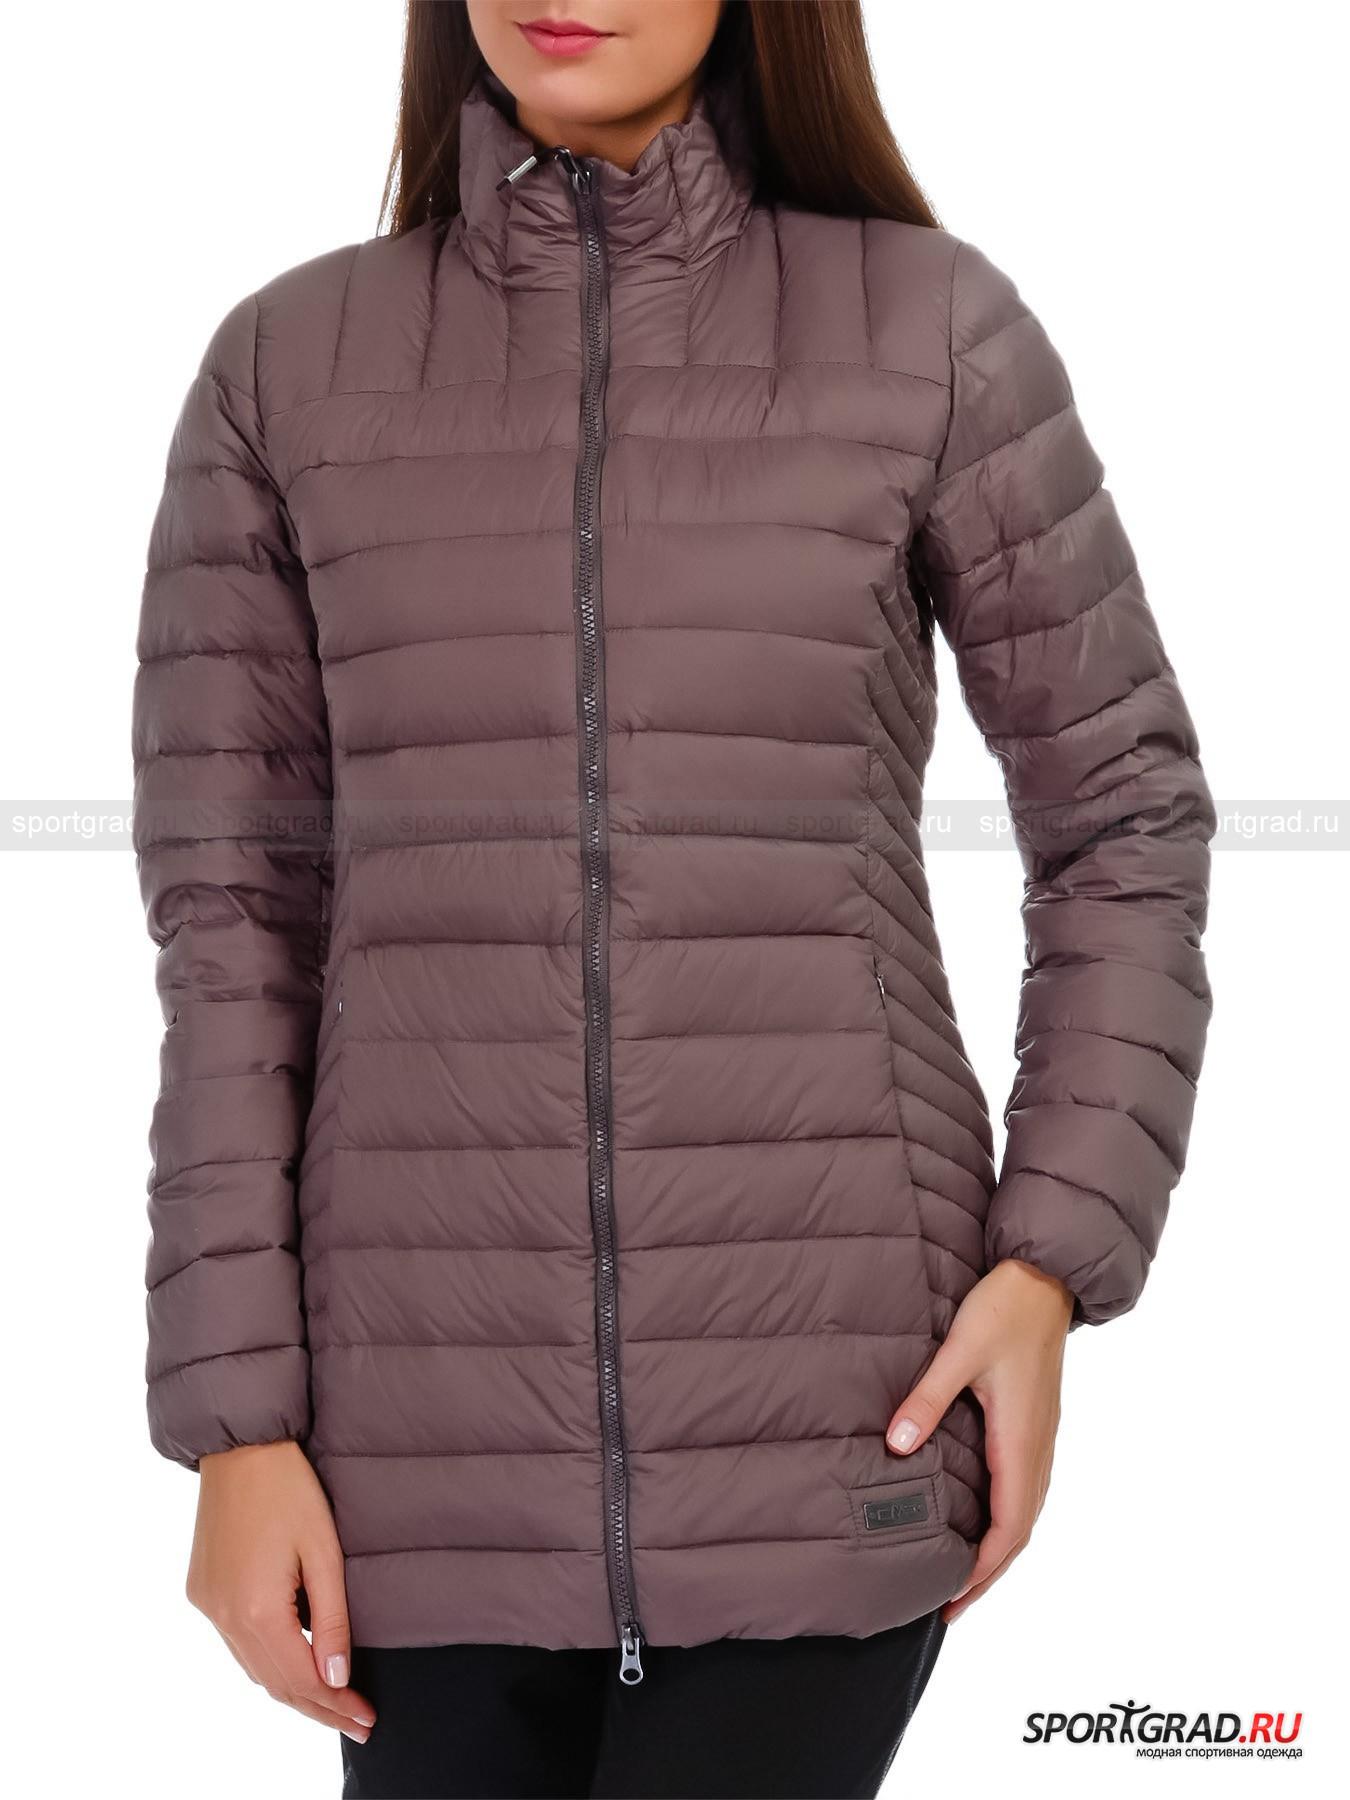 Куртка женская стеганая WOMAN INJECTED LONG JACKET CAMPAGNOLПуховики<br>Стеганая женская куртка WOMAN INJECTED LONG JACKET CAMPAGNOL с чередующимся наклоном прострочки, компактная в сложенном виде и не занимающая много места на вешалке, почти не имеет веса: натуральный наполнитель из пуха внутри очень легкий, но согревает прилично. Полуприлегающий фасон, выделяющий талию,  позволяет выглядеть и чувствовать себя в таком изделии женственно.<br><br>Модель имеет:<br>- воротник-стойку;<br>- длинные втачные рукава с невидимой эластичной сборкой внизу для лучшего обхвата запястий;<br>- кокетку и фигурные рельефы спереди и сзади, моделирующие аккуратную посадку;<br>- застежку на центральную двухзамковую молнию;<br>- пару прорезных карманов на потайной молнии;<br>- фирменный металлический значок с выдавленным на нем названием логотипа.<br>Длина изделия сзади по центру от горловины до низа 74, 5 см, длина рукава по внутреннему шву 49 см, ширина в груди 47 см, ширина по бедрам 52 см (размер 36).<br><br>Пол: Женский<br>Возраст: Взрослый<br>Тип: Пуховики<br>Рекомендации по уходу: Изделию показана стирка при температуре строго 40° и щадящая сушка. Запрещены отбеливание, глажка и химчистка.<br>Состав: Поверхность и подкладка: 100% полиамид. Утеплитель: 90% пух, 10% эластан.